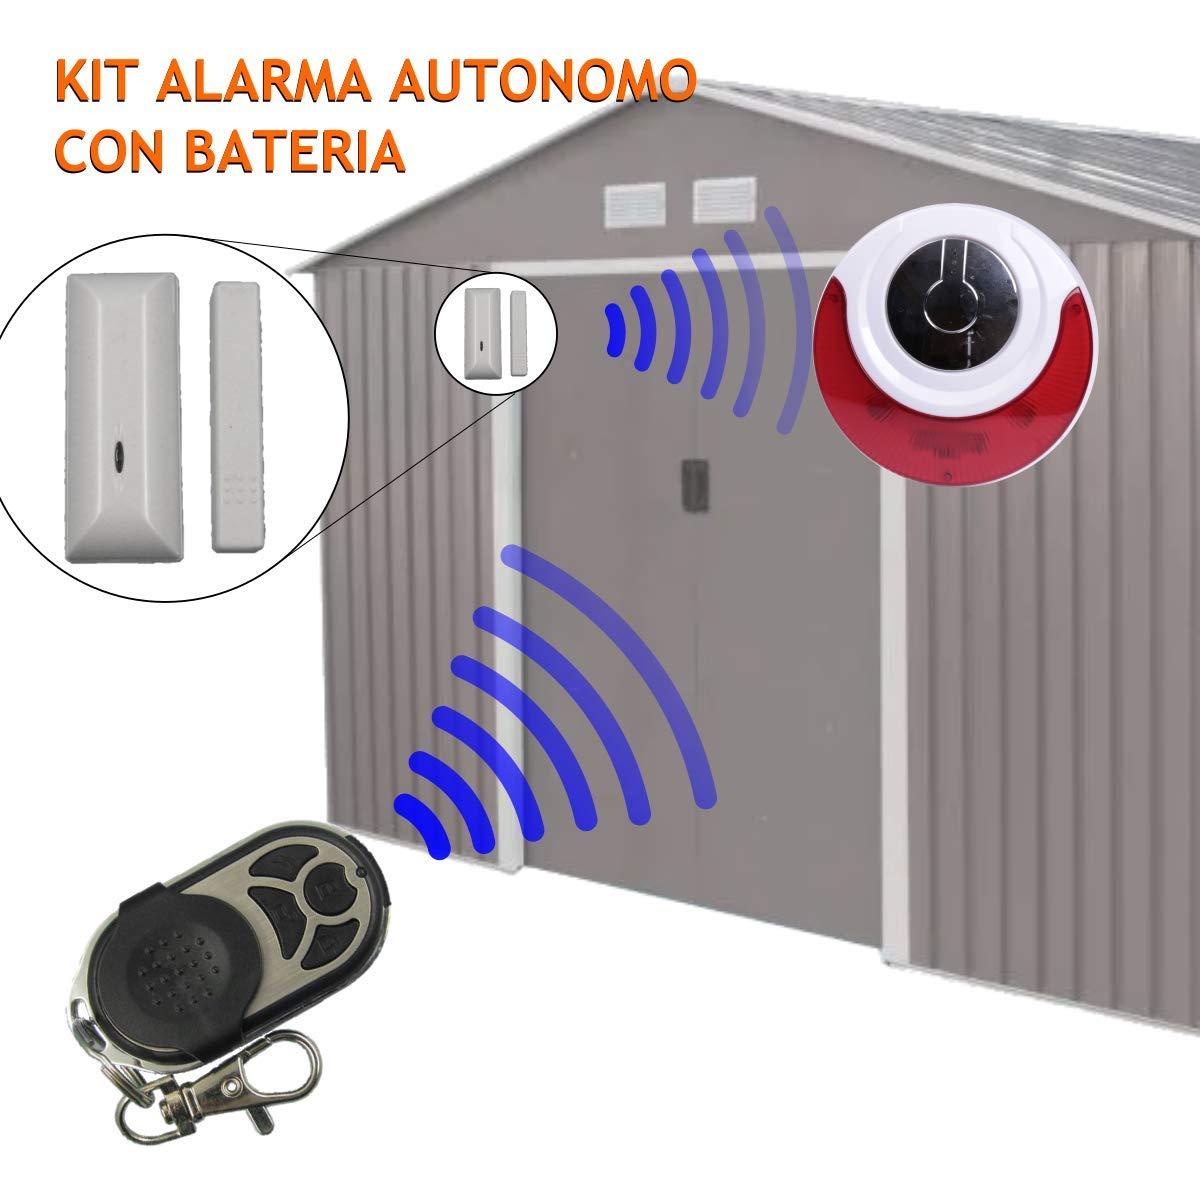 Kit alarma autonomo Sirena inalambrica bateria detector y mando